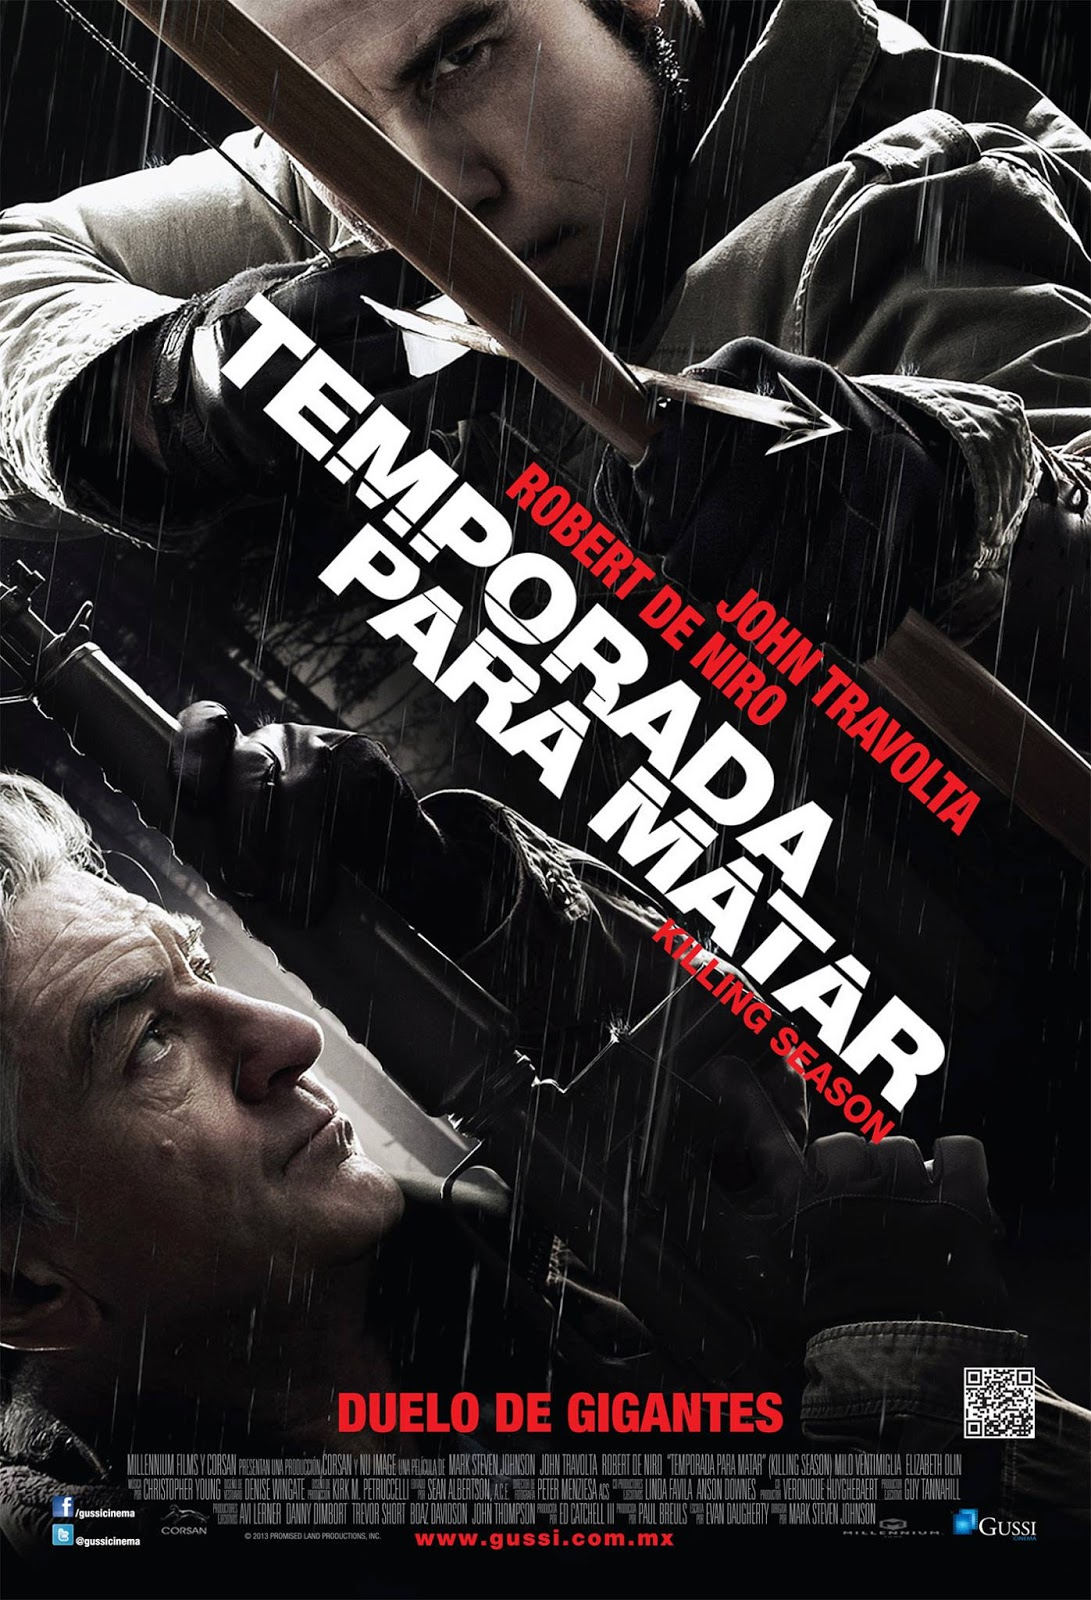 Temporada Para Matar [2013] [Dvdrip] [latino] [ 1 Link]